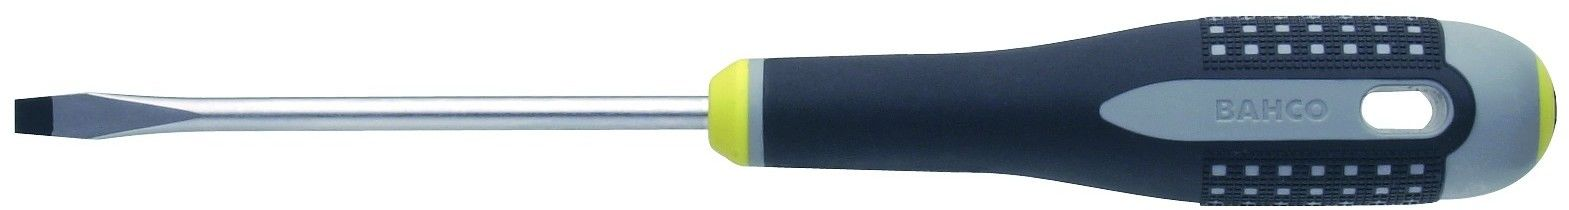 zestaw: szczypce uniwersalne 2628 G-180IP + wkrętak płaski BE-8150 + wkrętak krzyżowy BE-8620 + otwieracz, ERGO, Bahco [ORIG-2628G-BE2]